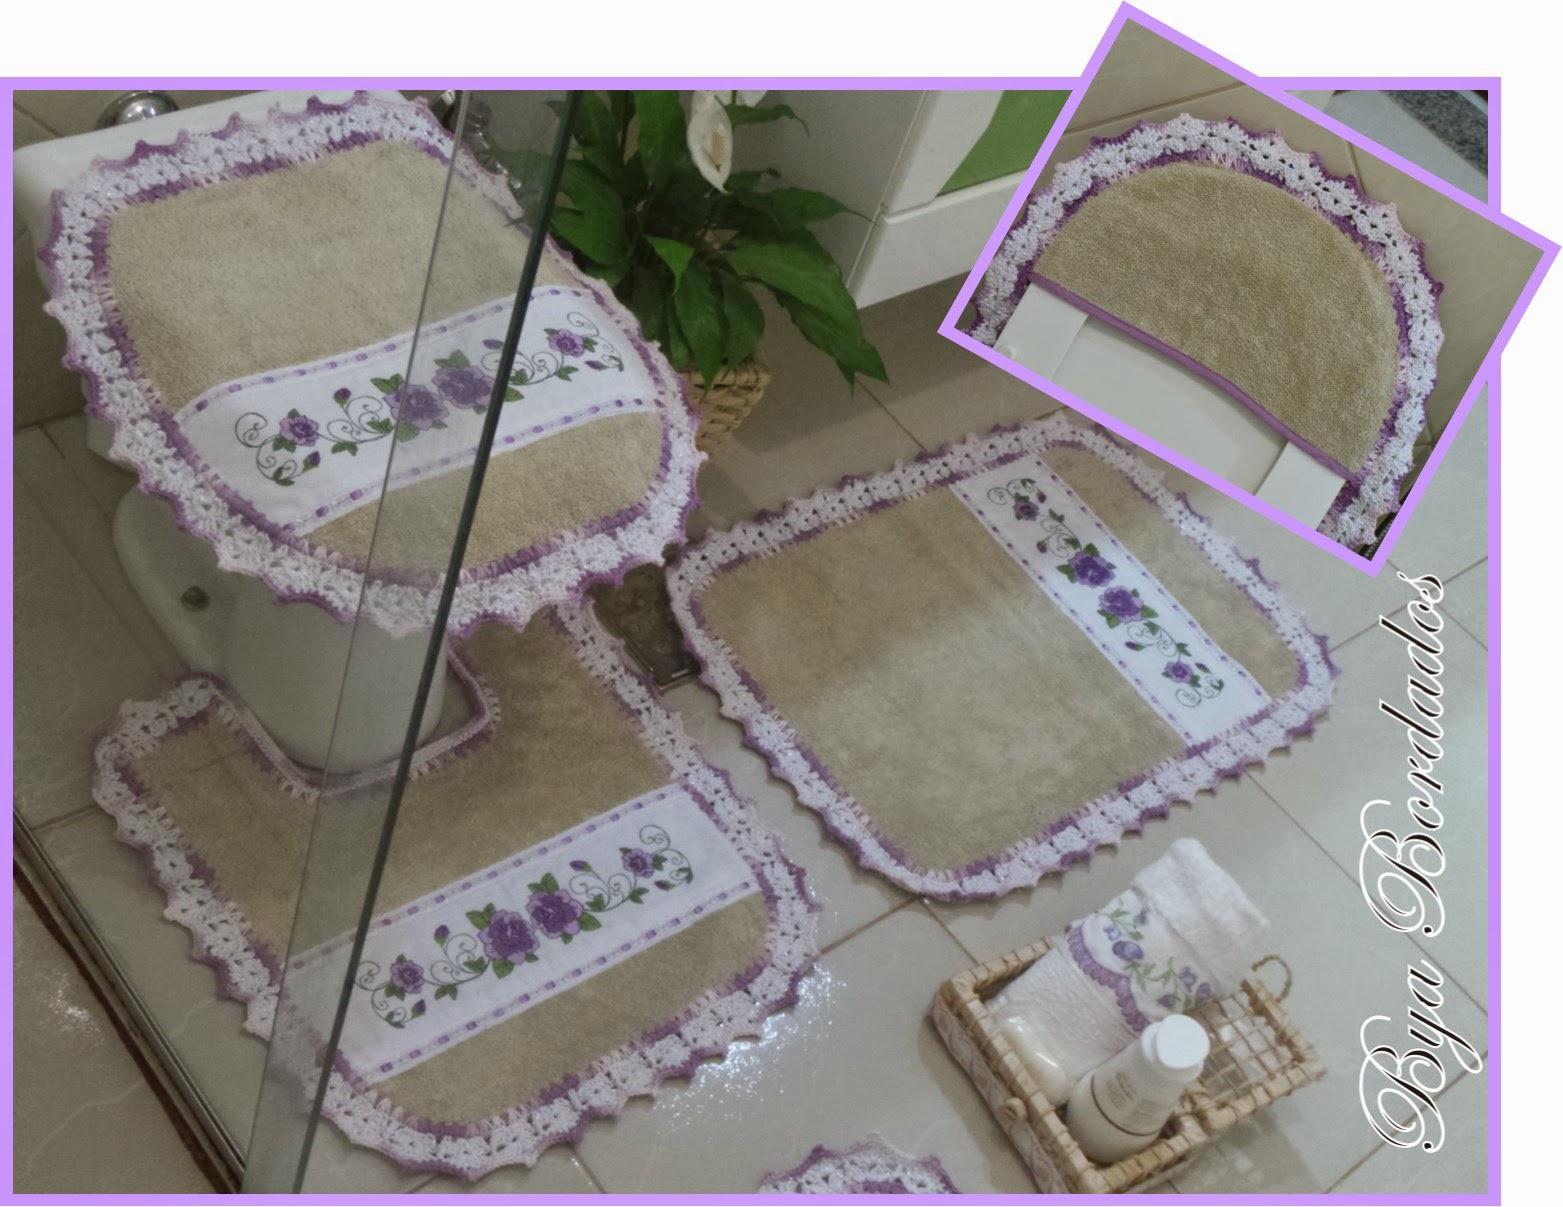 Bya Bordados Arte em Crochê e Bordados: Produtos Pronta entrega #6D18B3 1563 1207